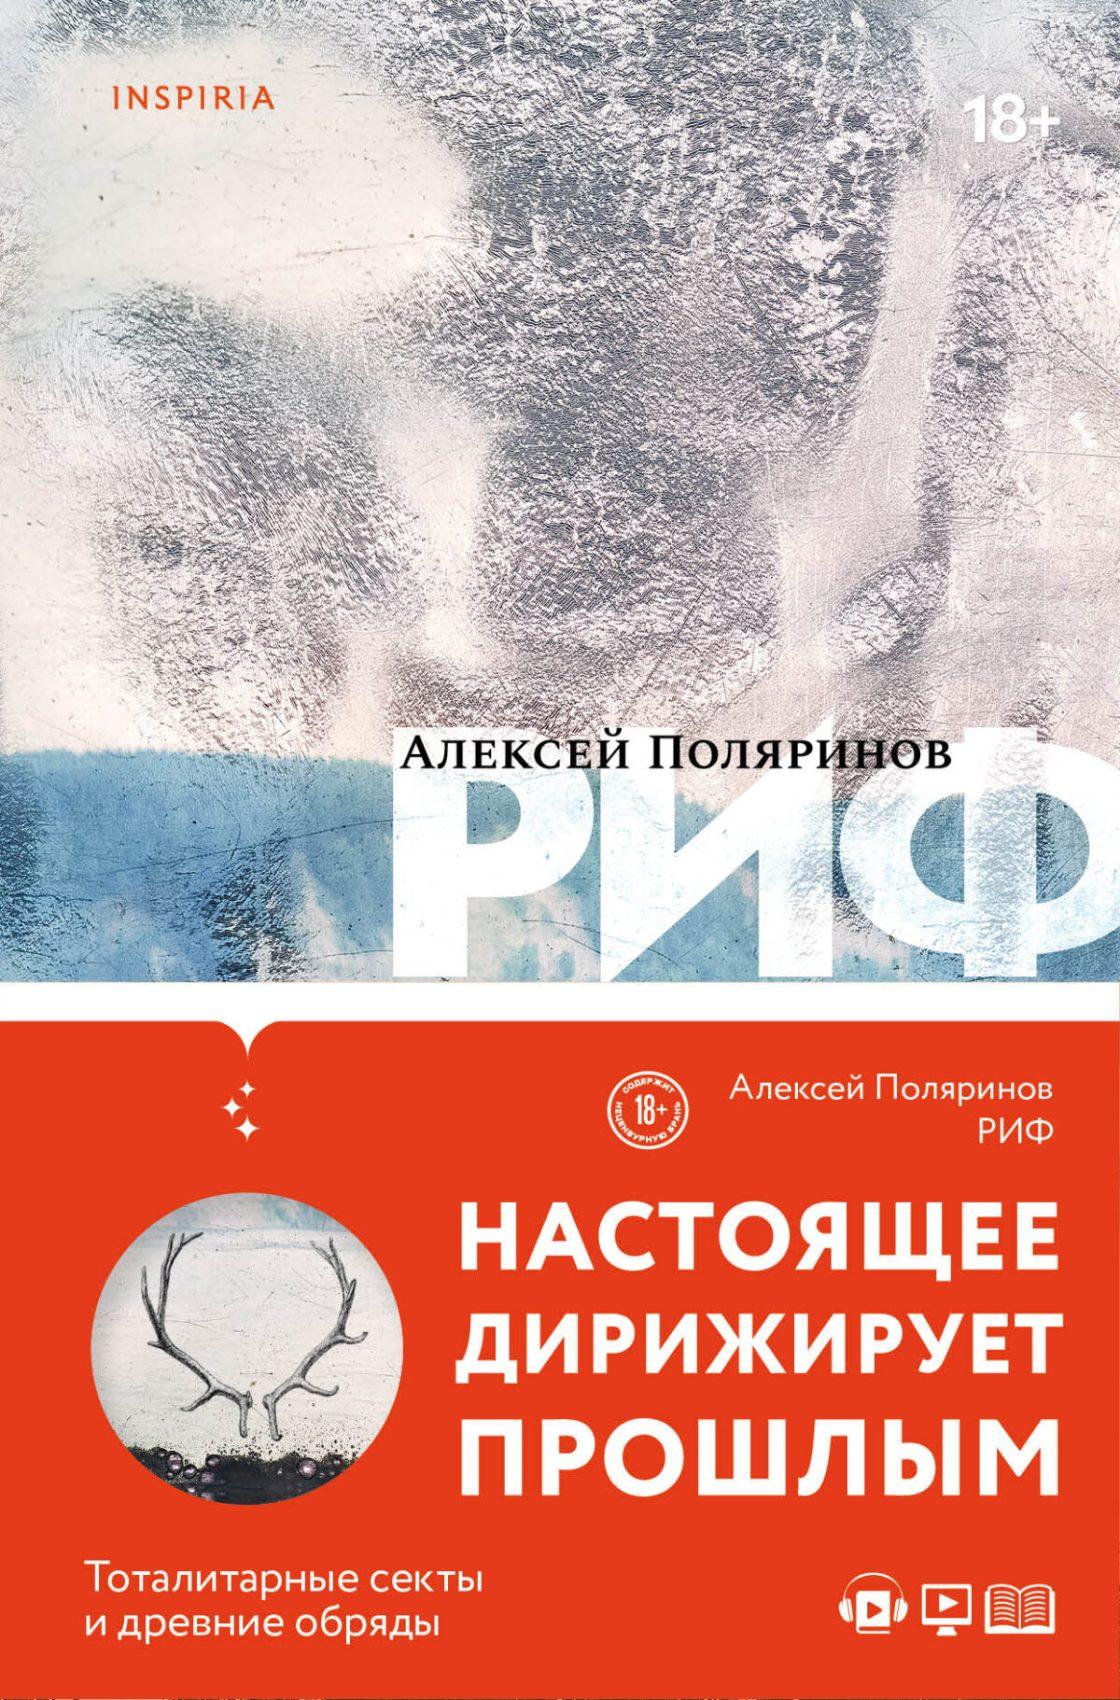 выходит новый роман писателя Алексея Поляринова «Риф»